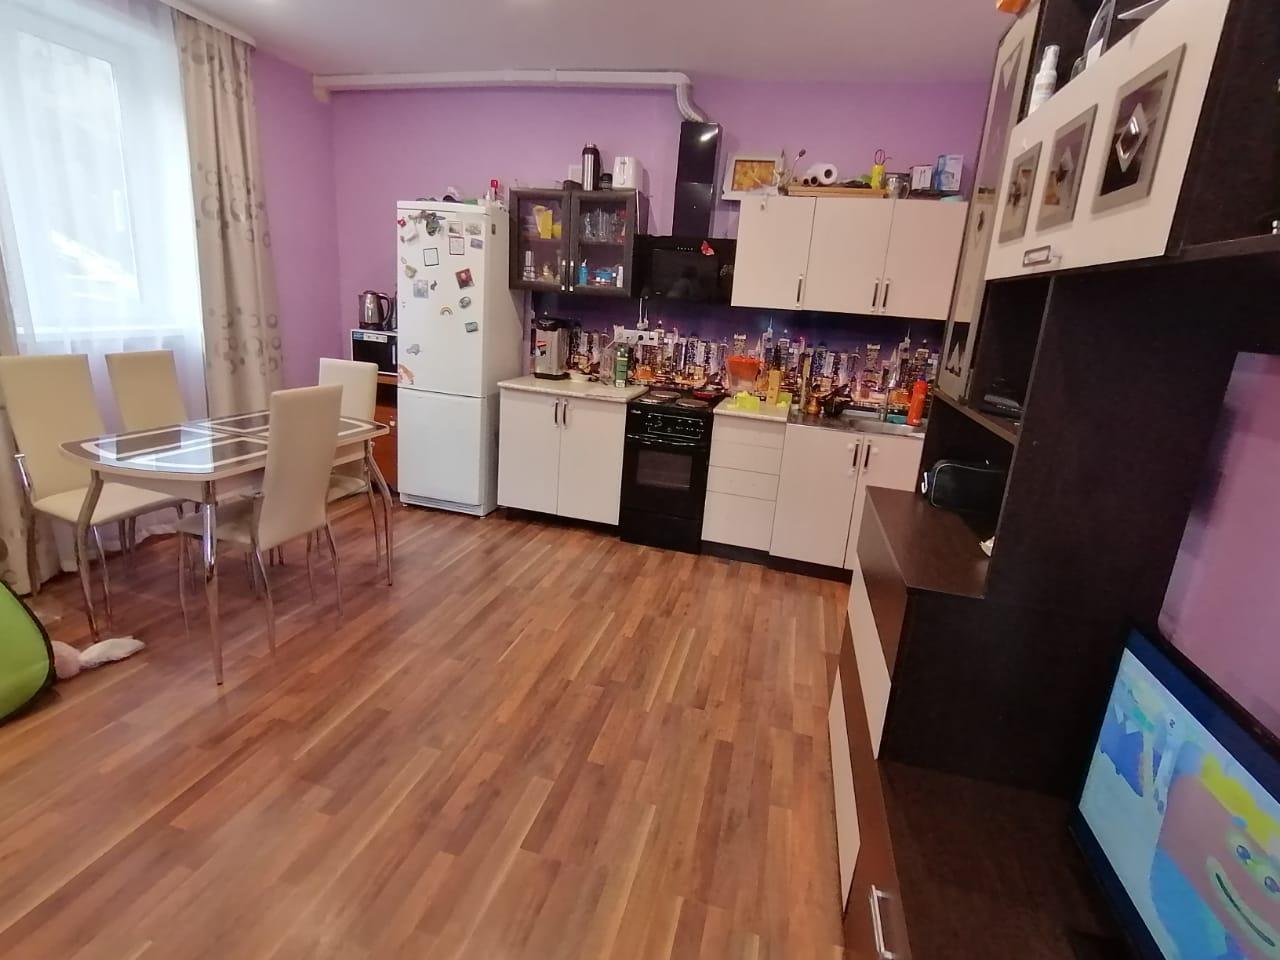 Таунхаус на продажу по адресу Россия, Иркутская область, городской округ Иркутск, Иркутск